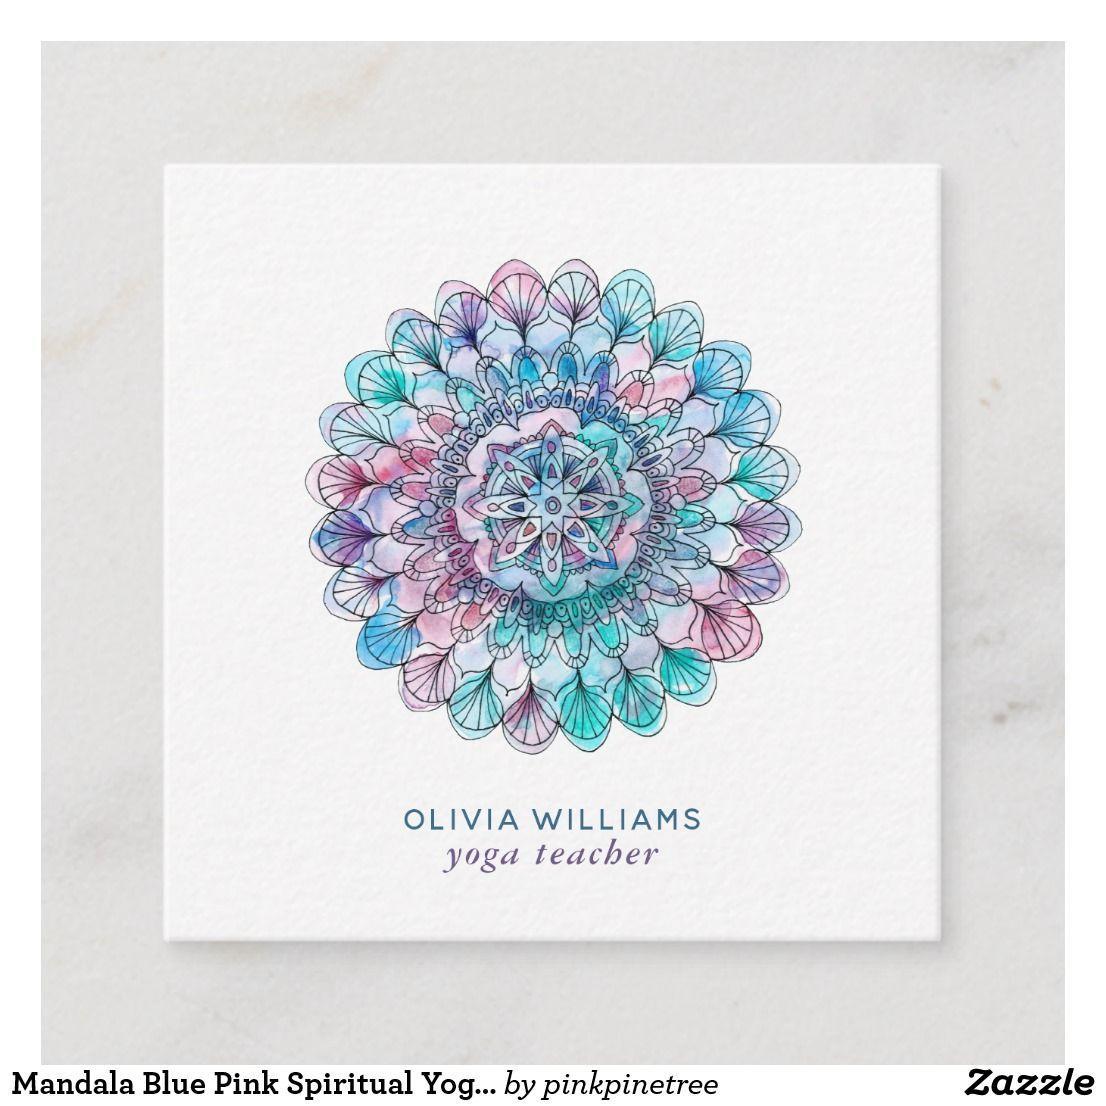 Mandala Blaue Rosa Geistige Yoga Visitenkarte Quadratische